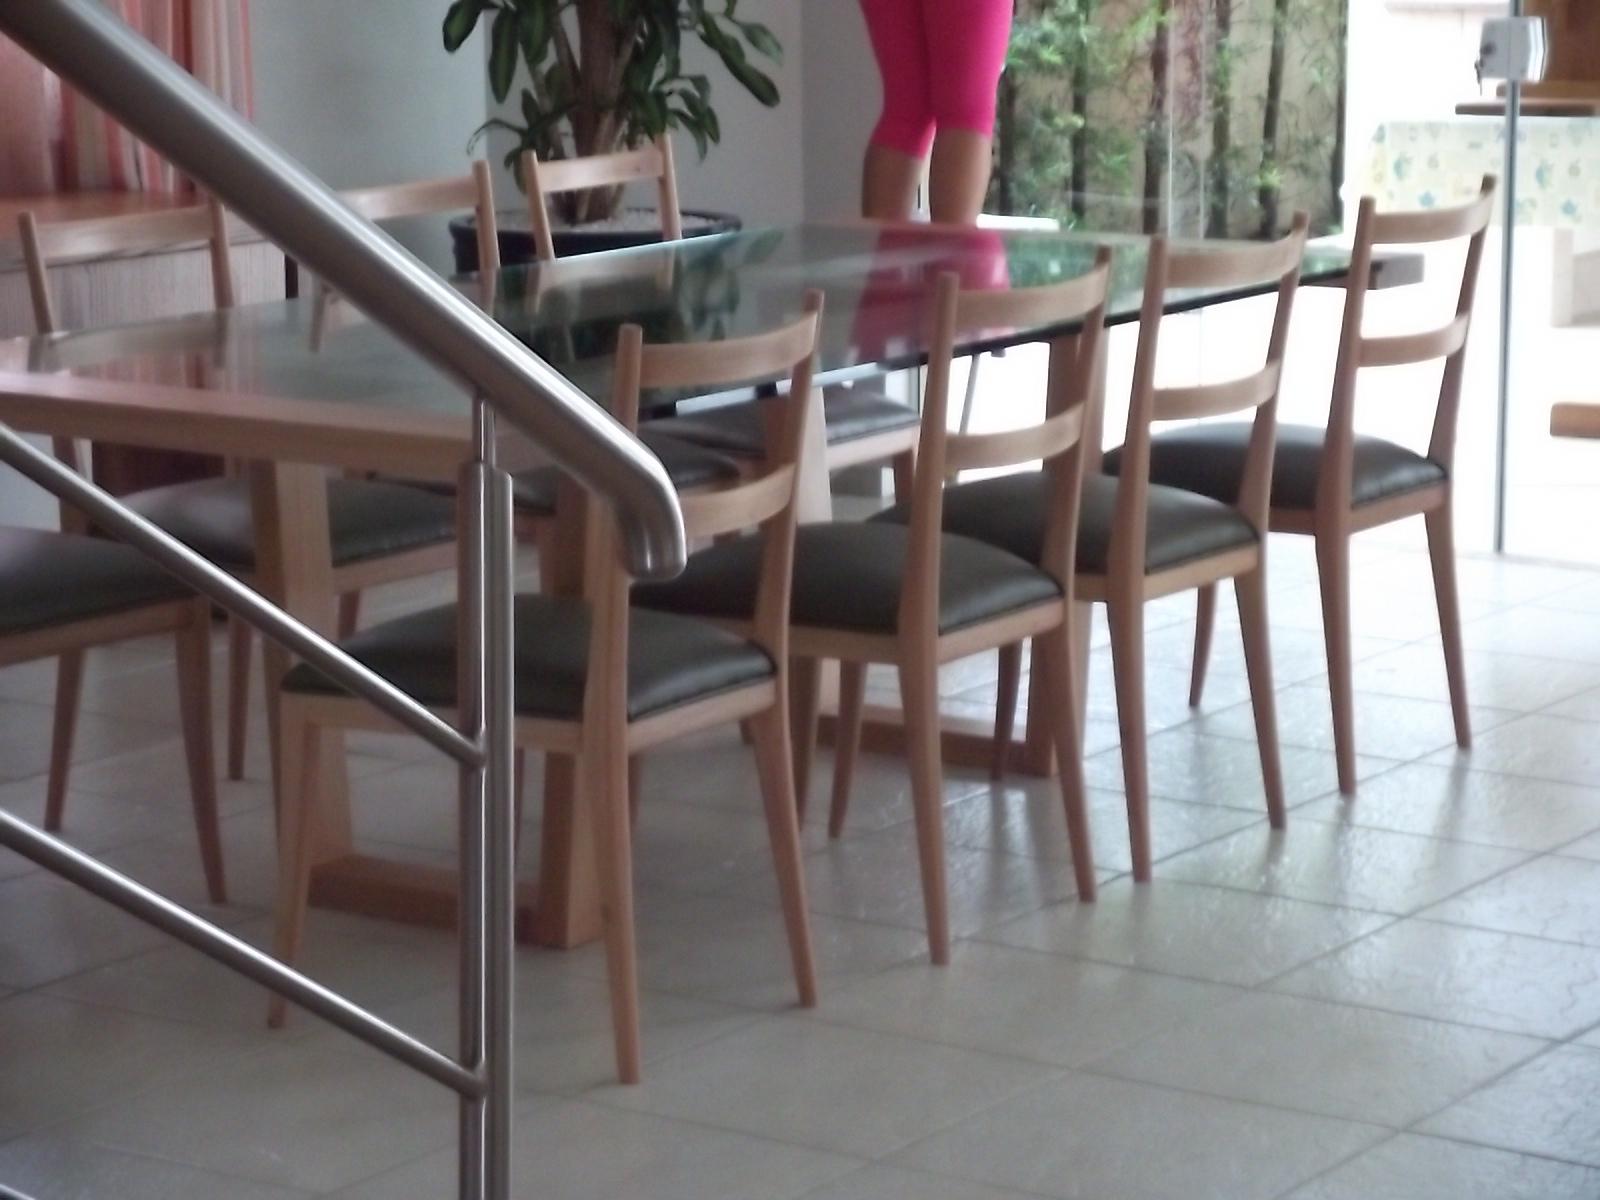 decoracao de interiores sao joao da madeira:Blog Decoração de Interiores: Loja Moveis Madeira Maciça SP